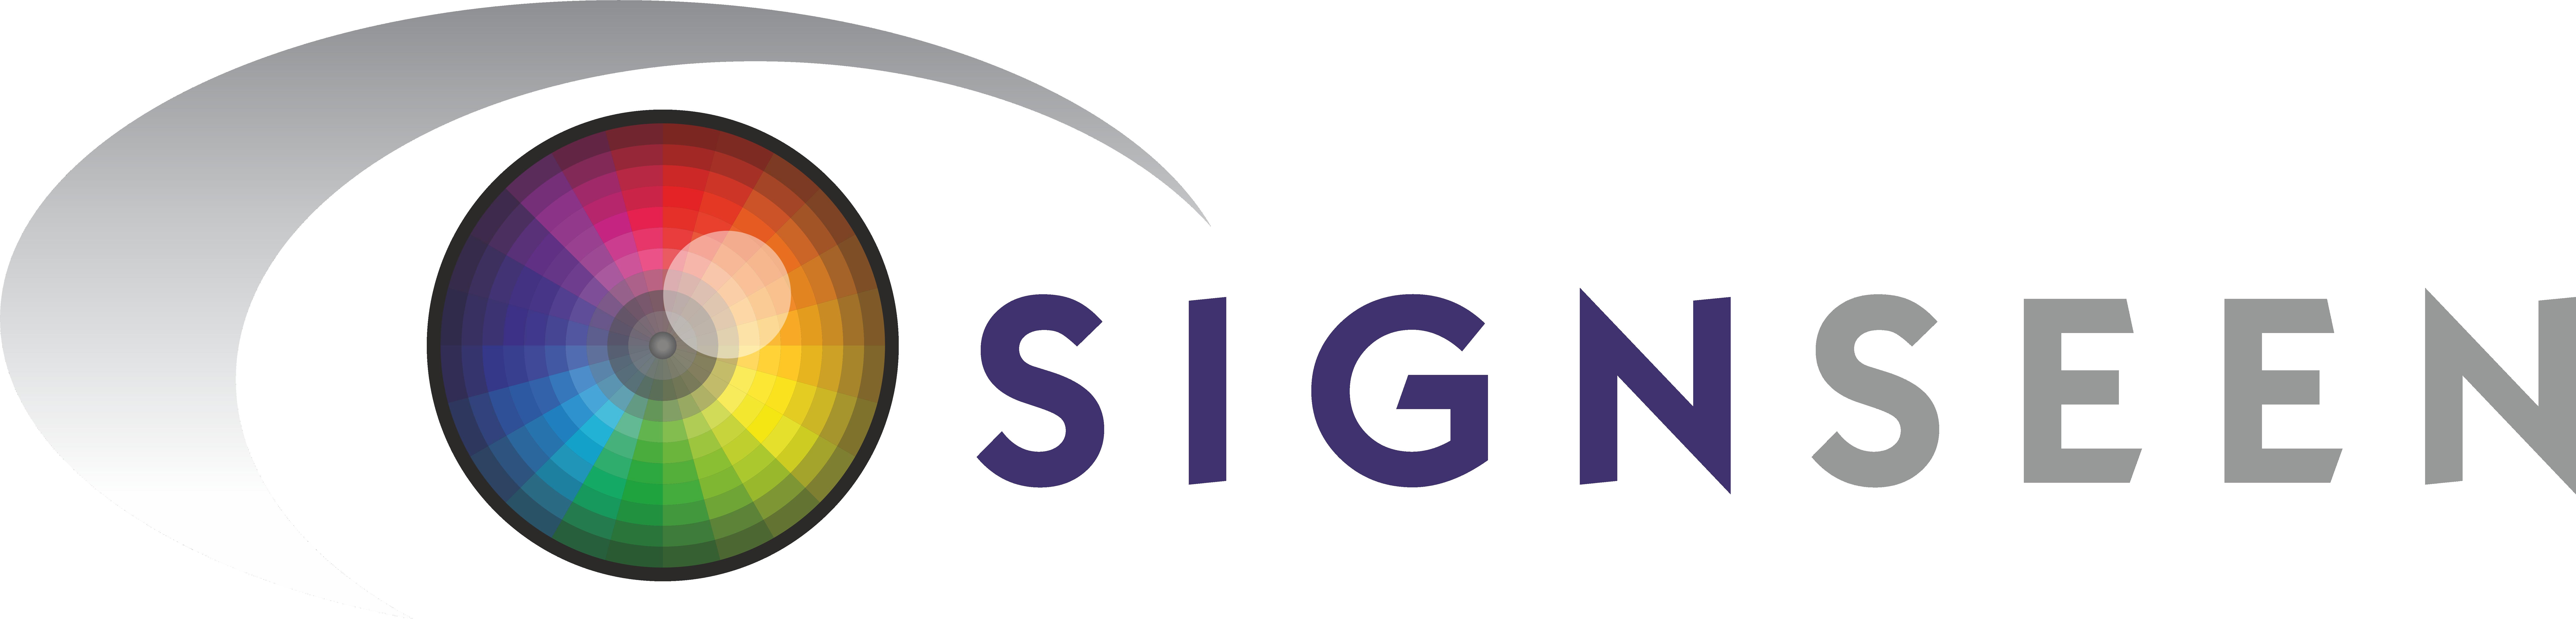 Sign Seen logo